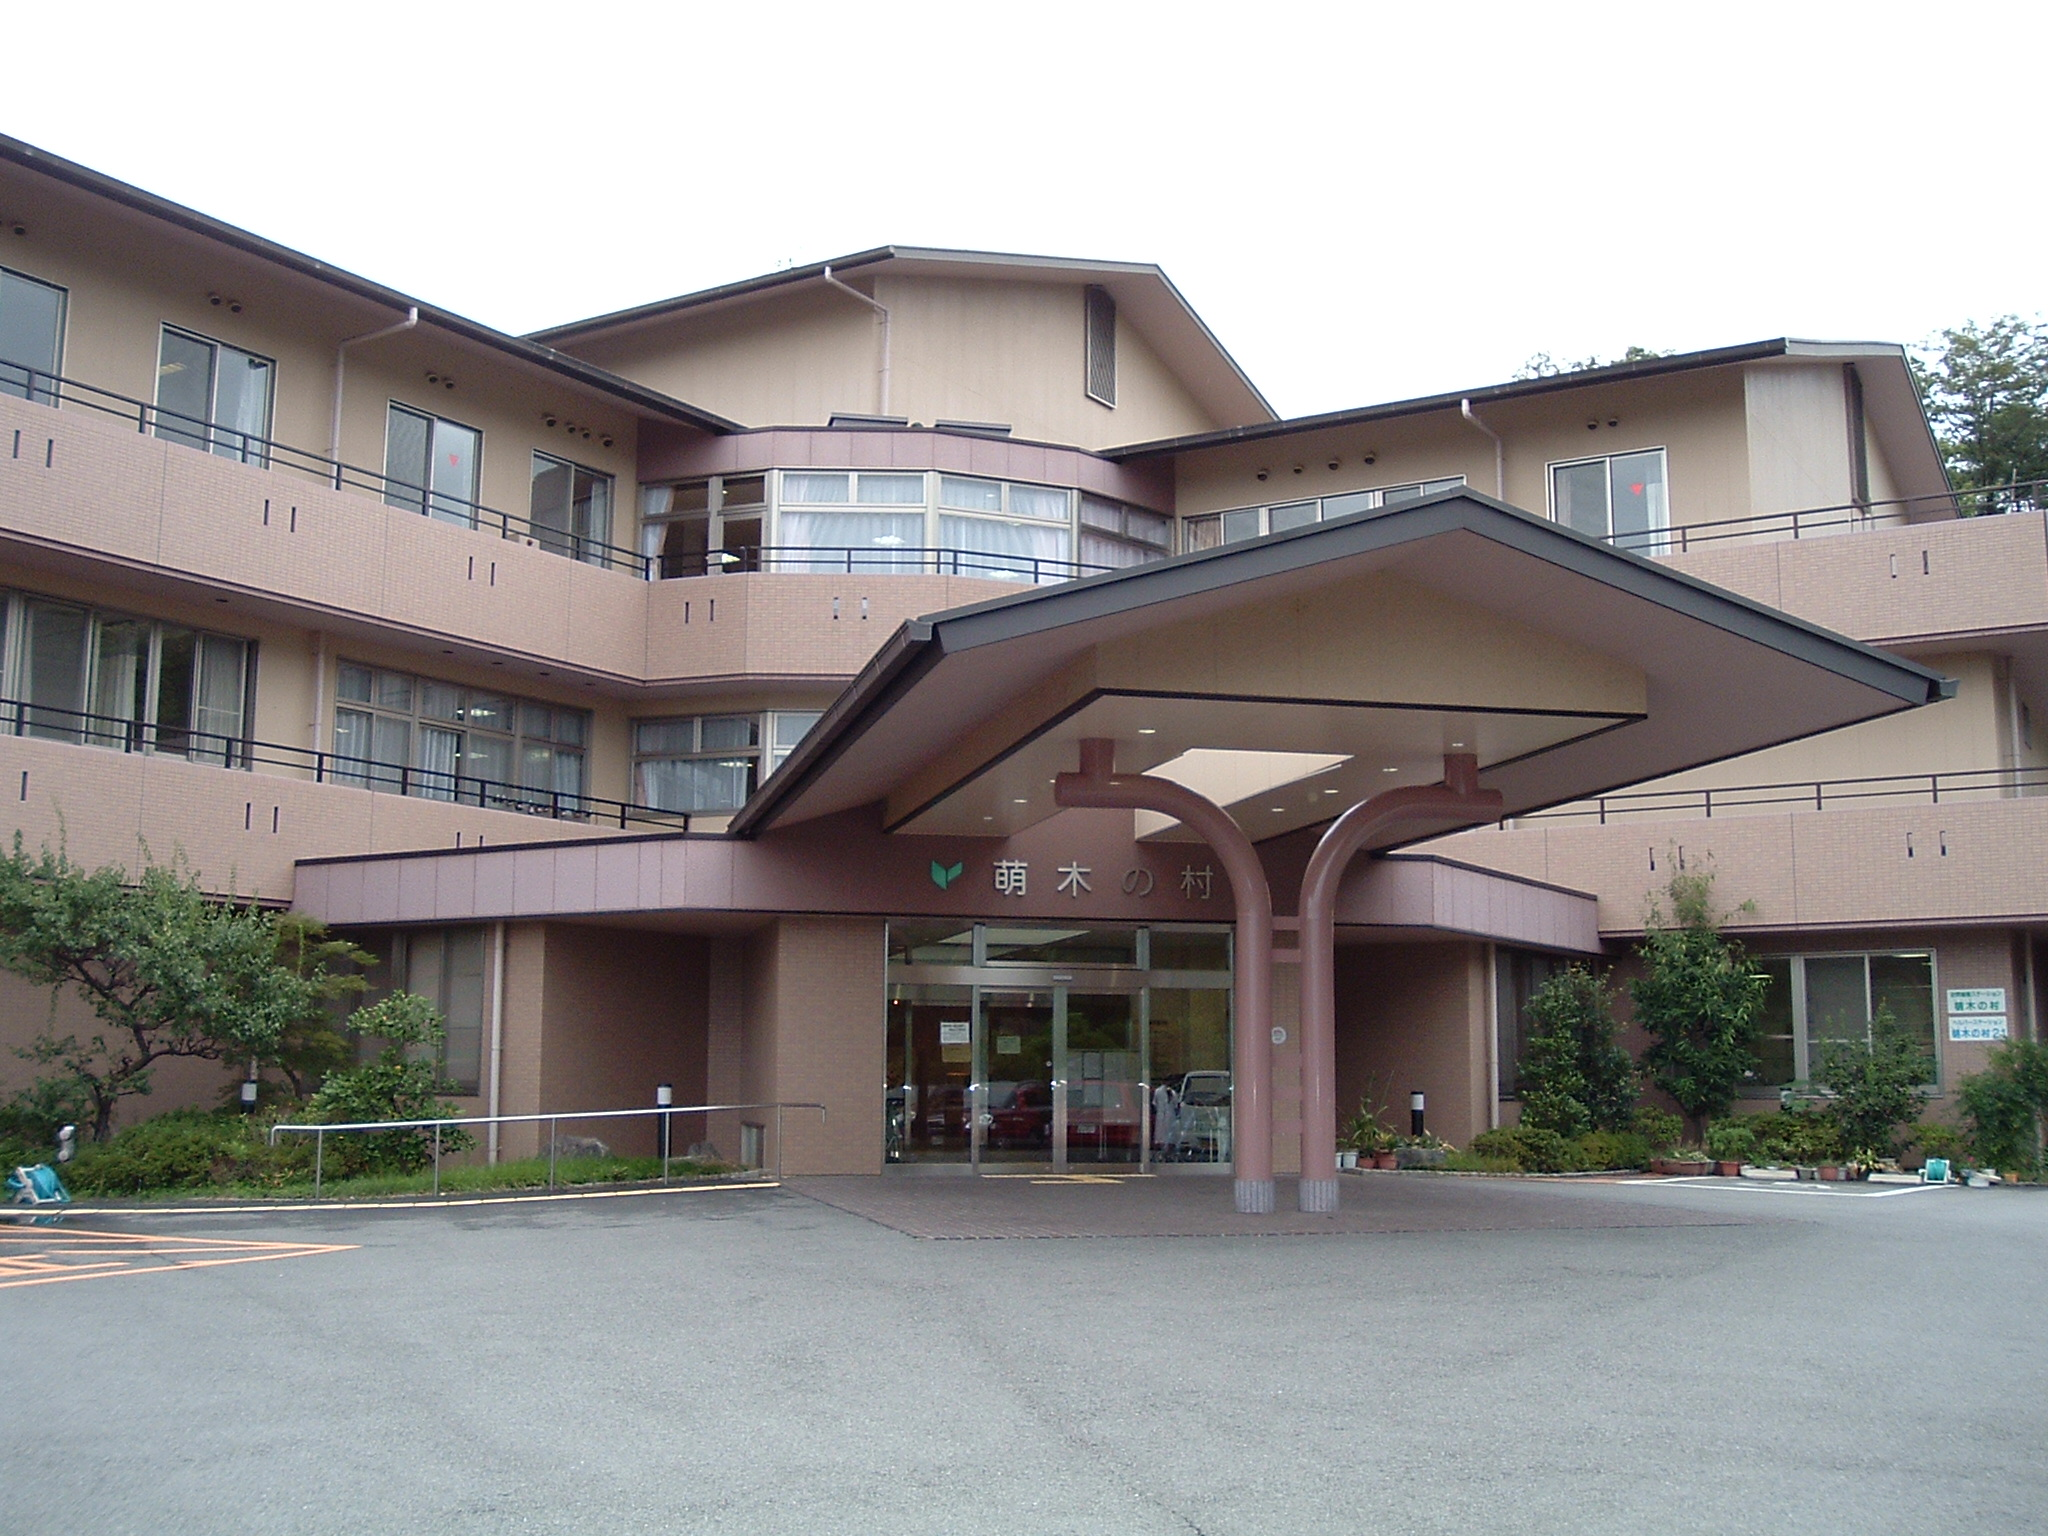 介護老人保健施設 萌木の村